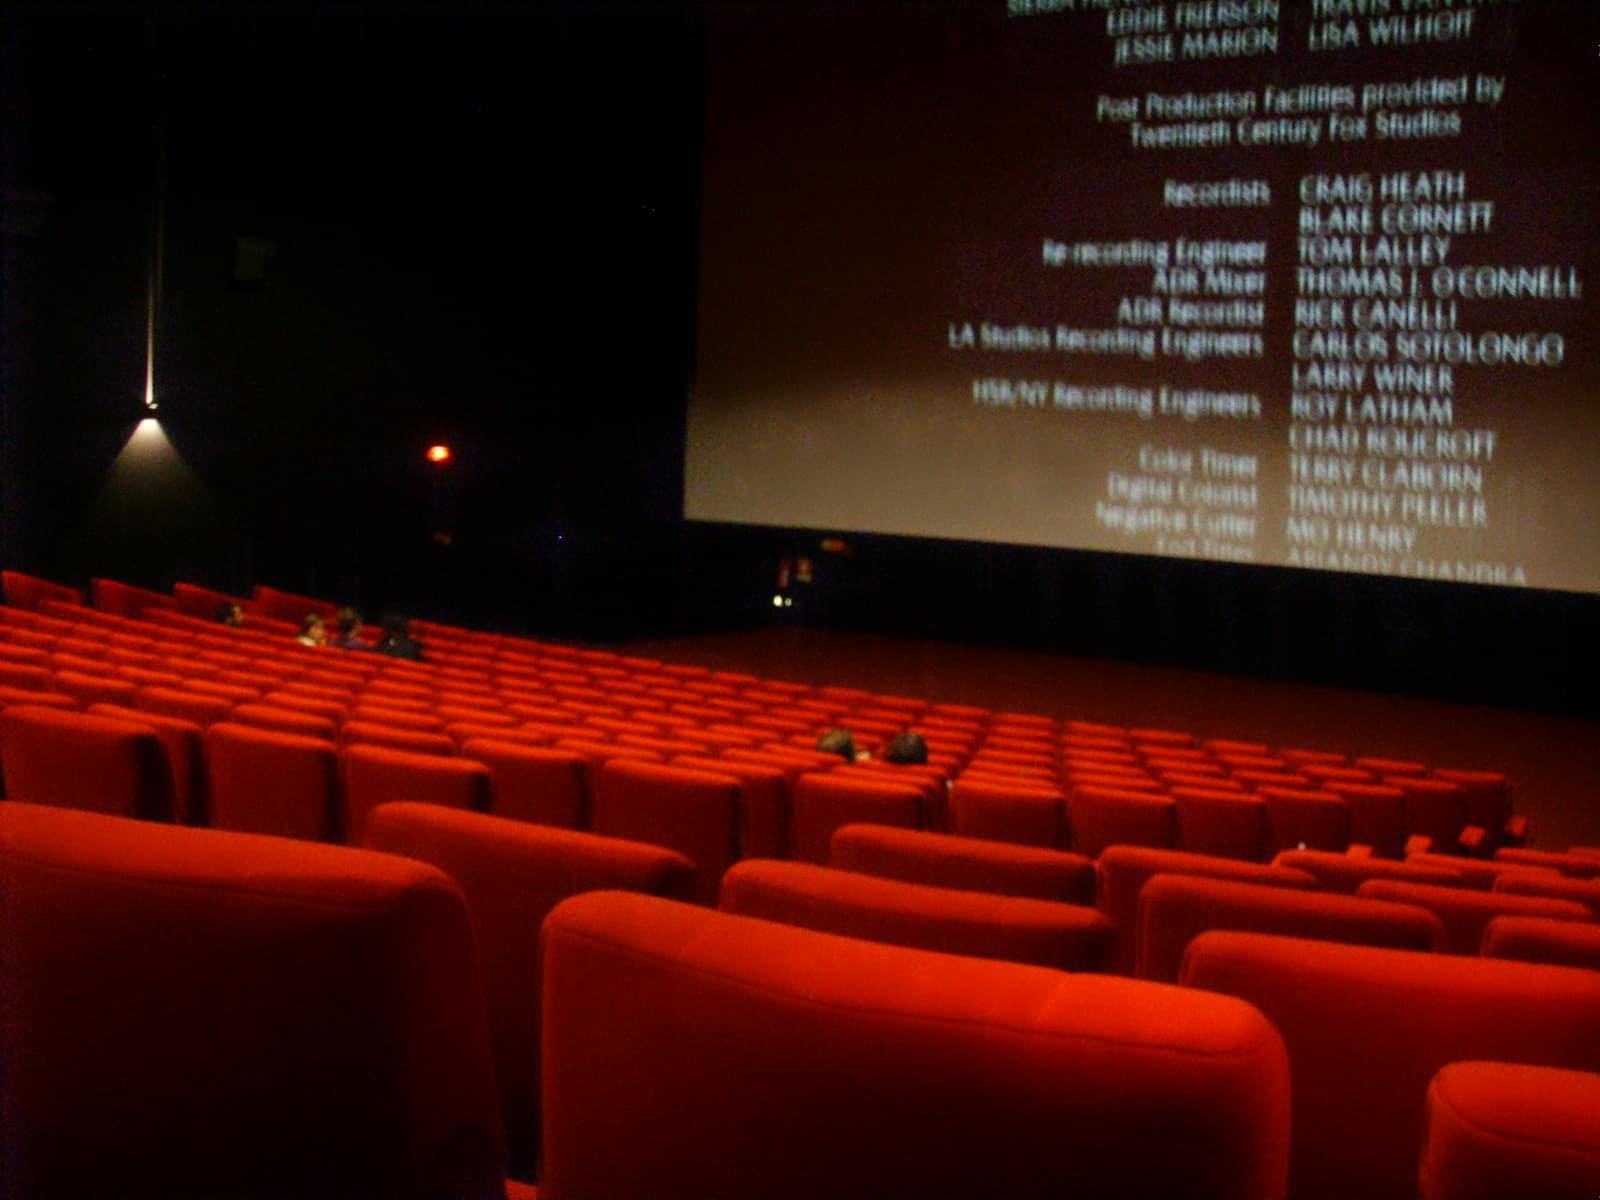 Las salas de cines empezarán a mostrar en sus pantallas tuits de sus espectadores.